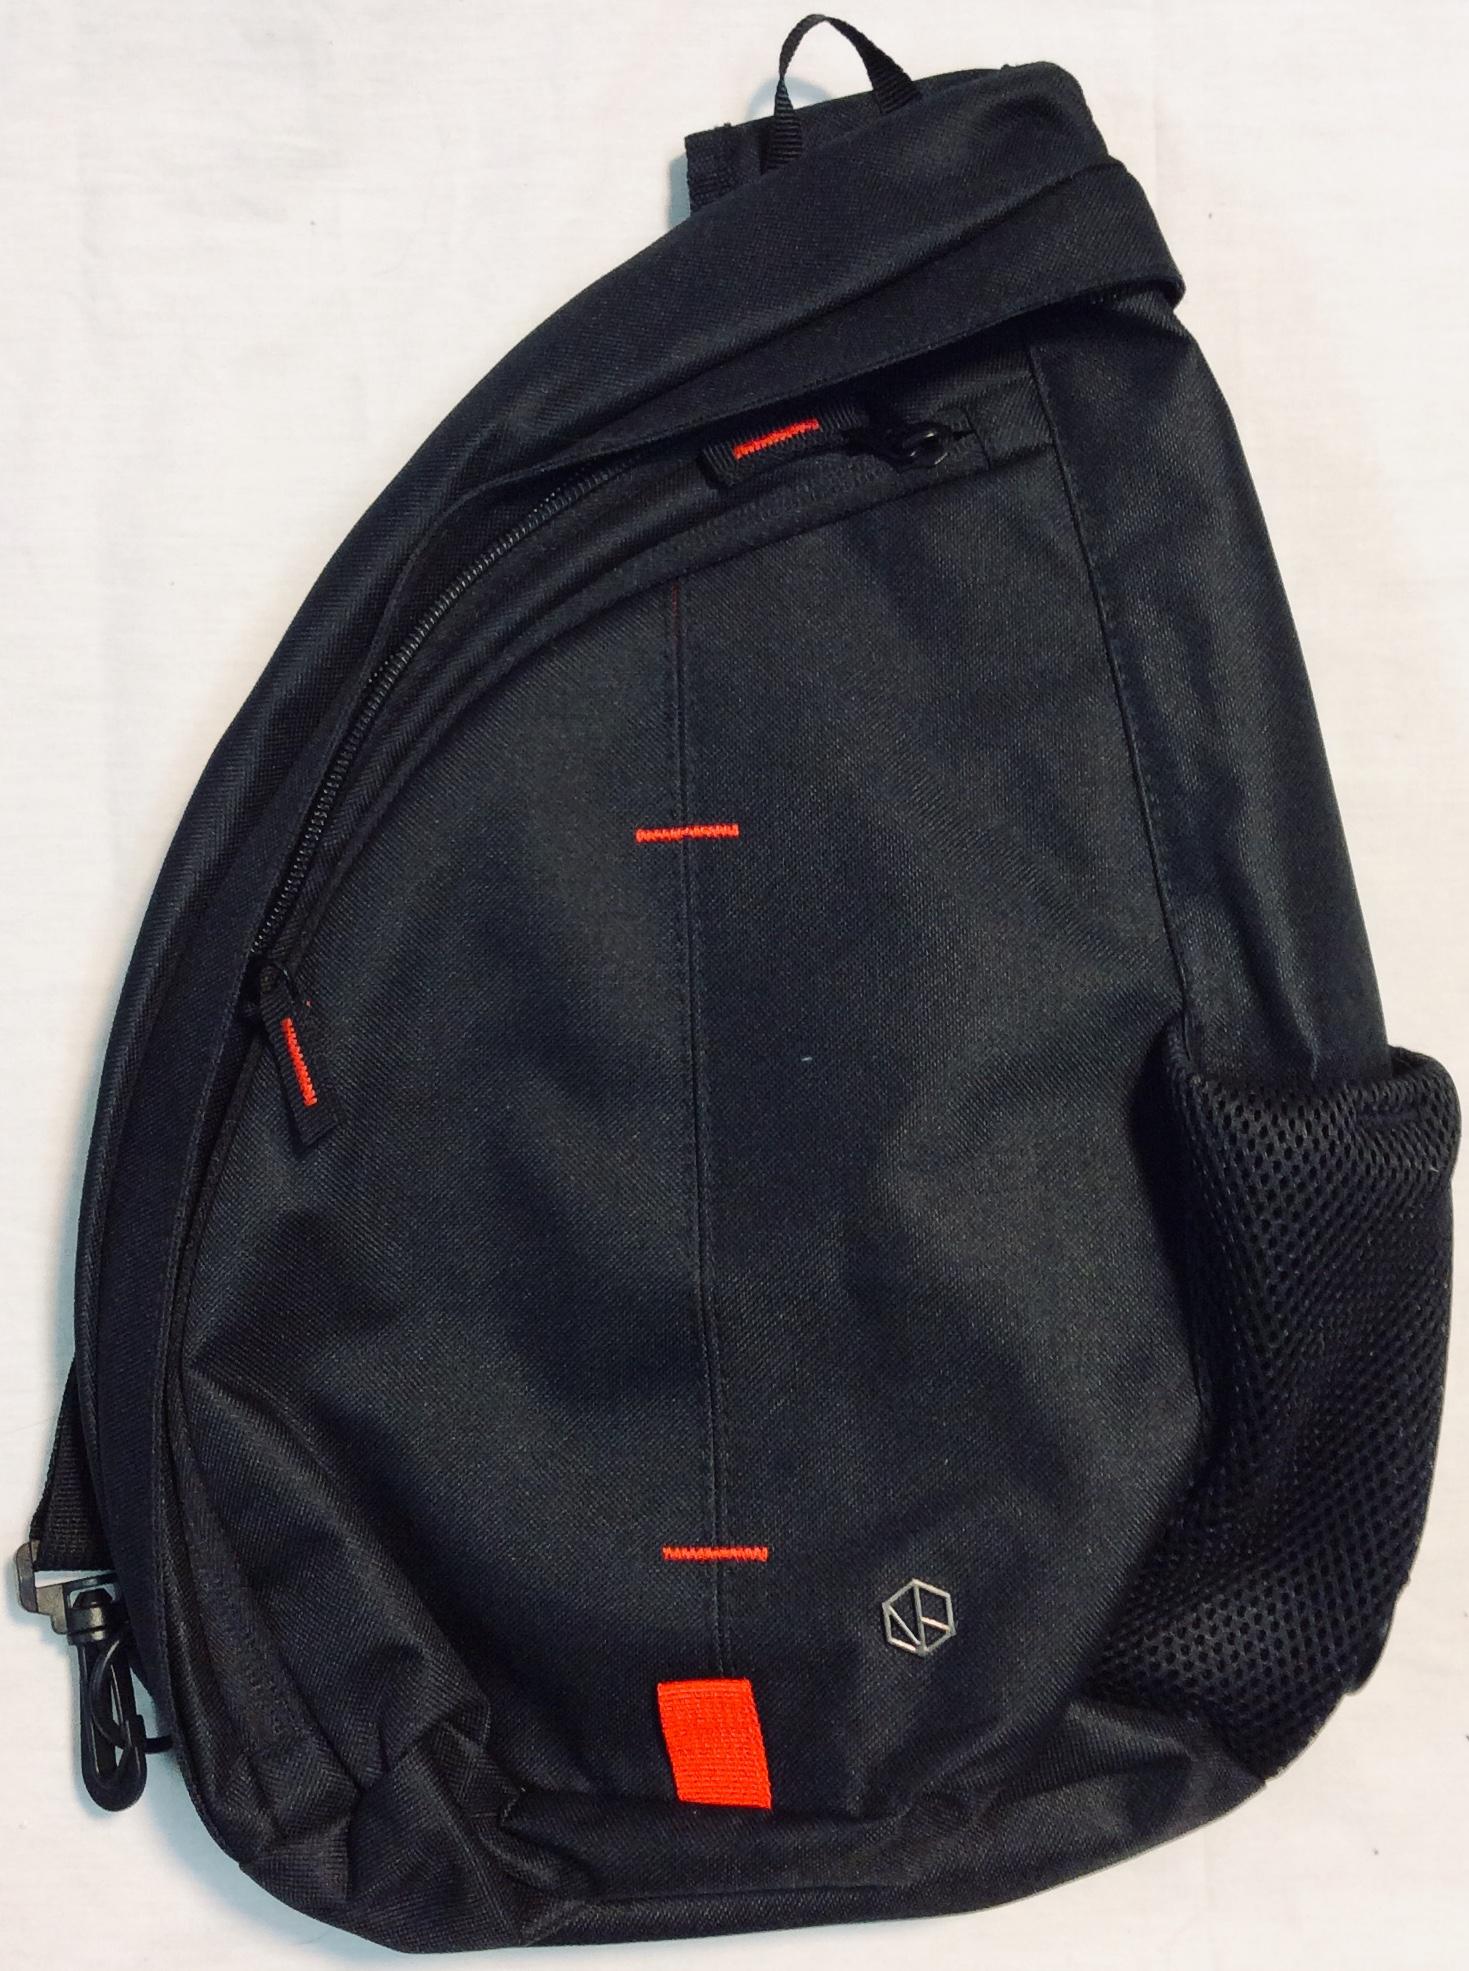 Tracker Black single shoulder strap